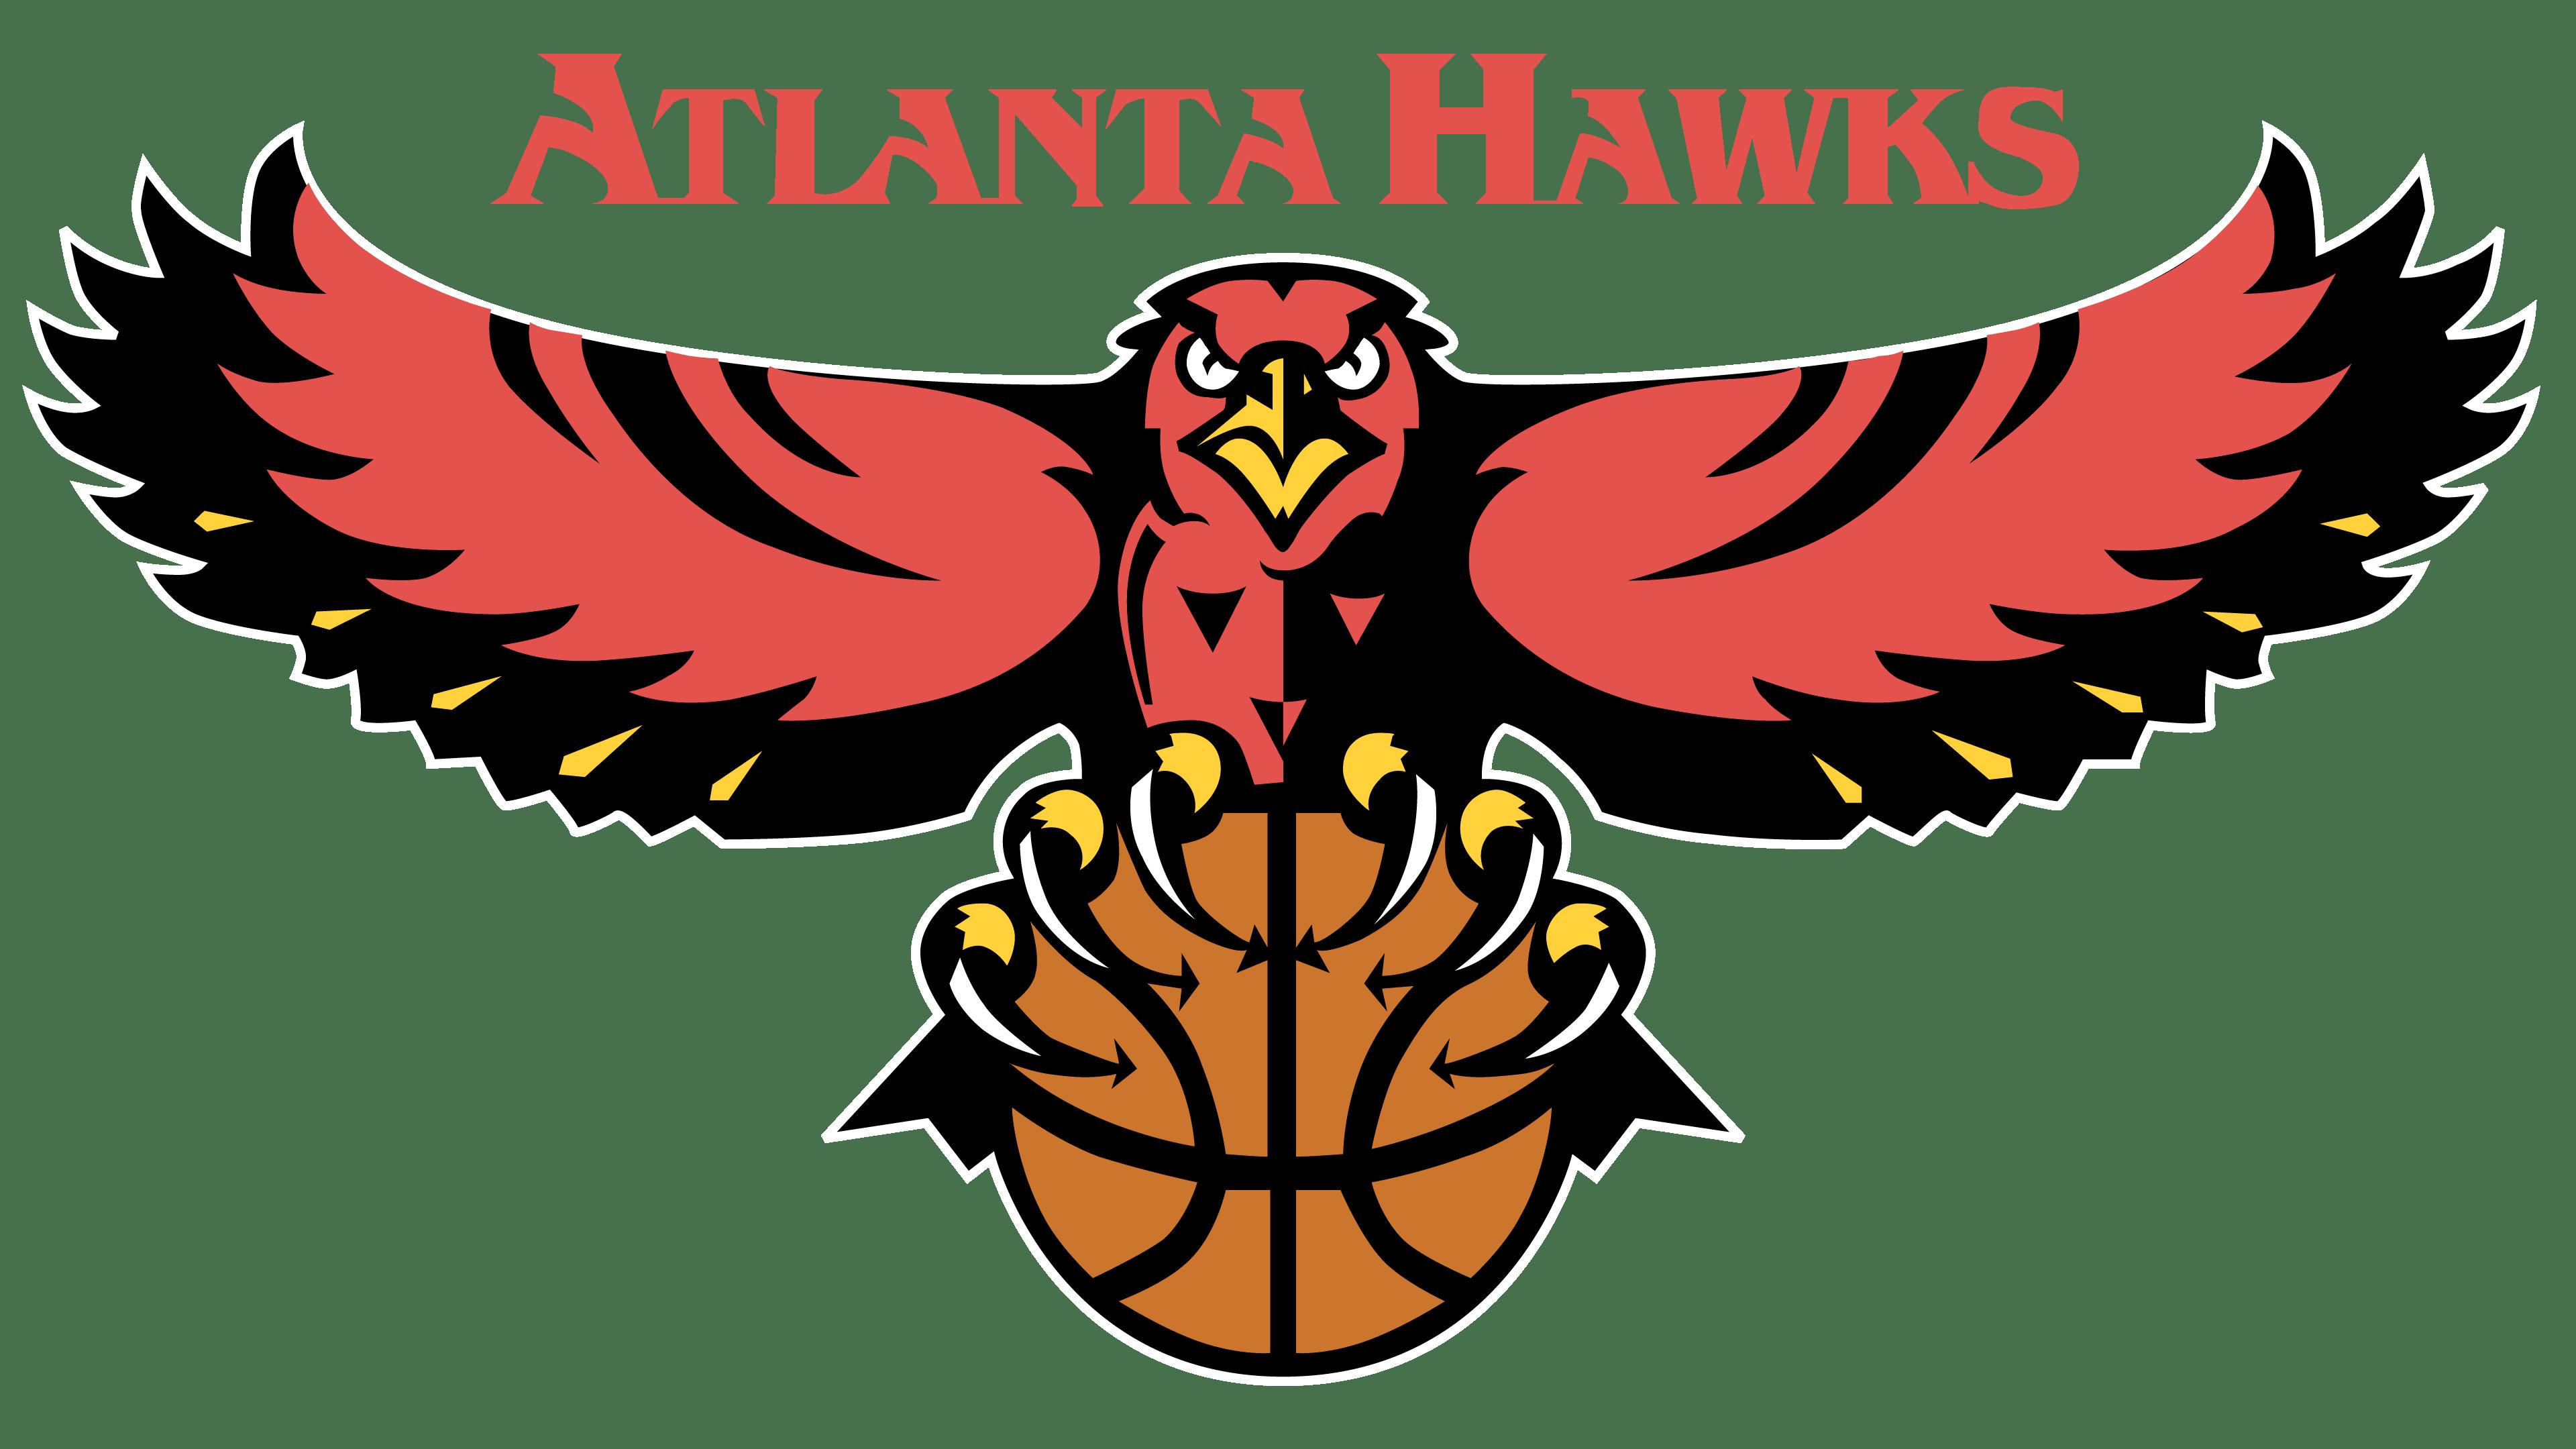 Atlanta Hawks logos.